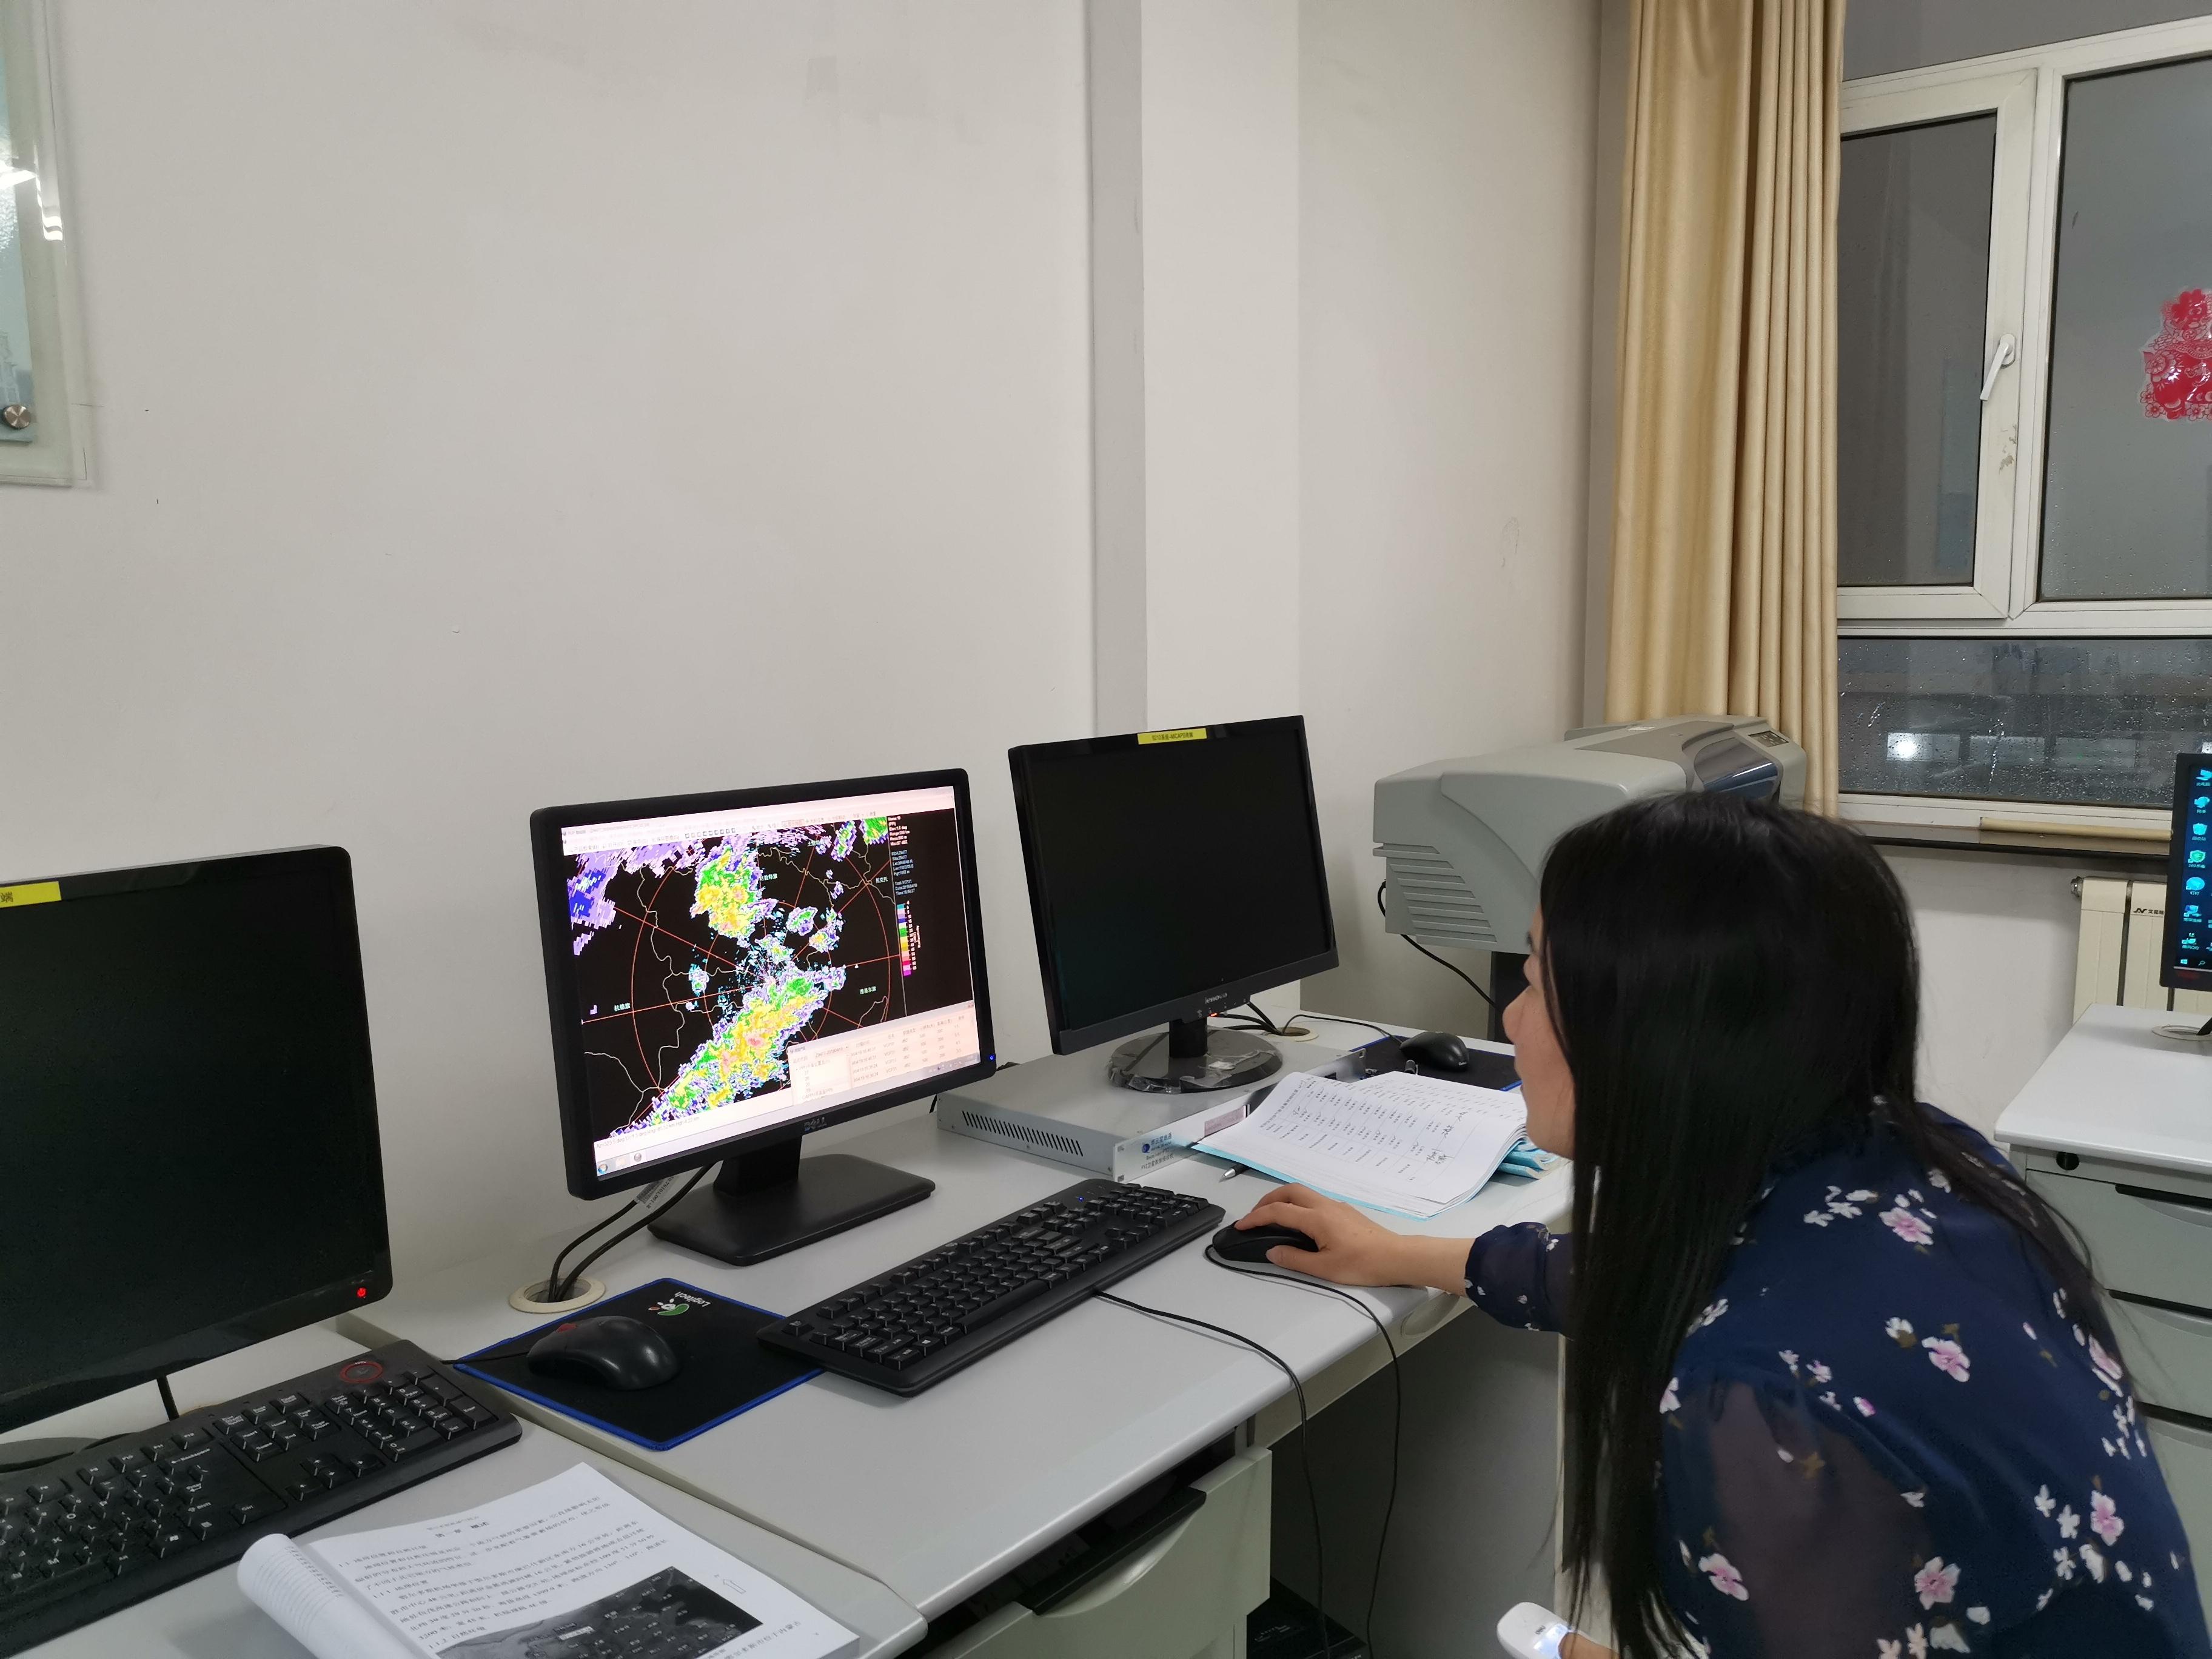 预报员正在分析气象雷达图像